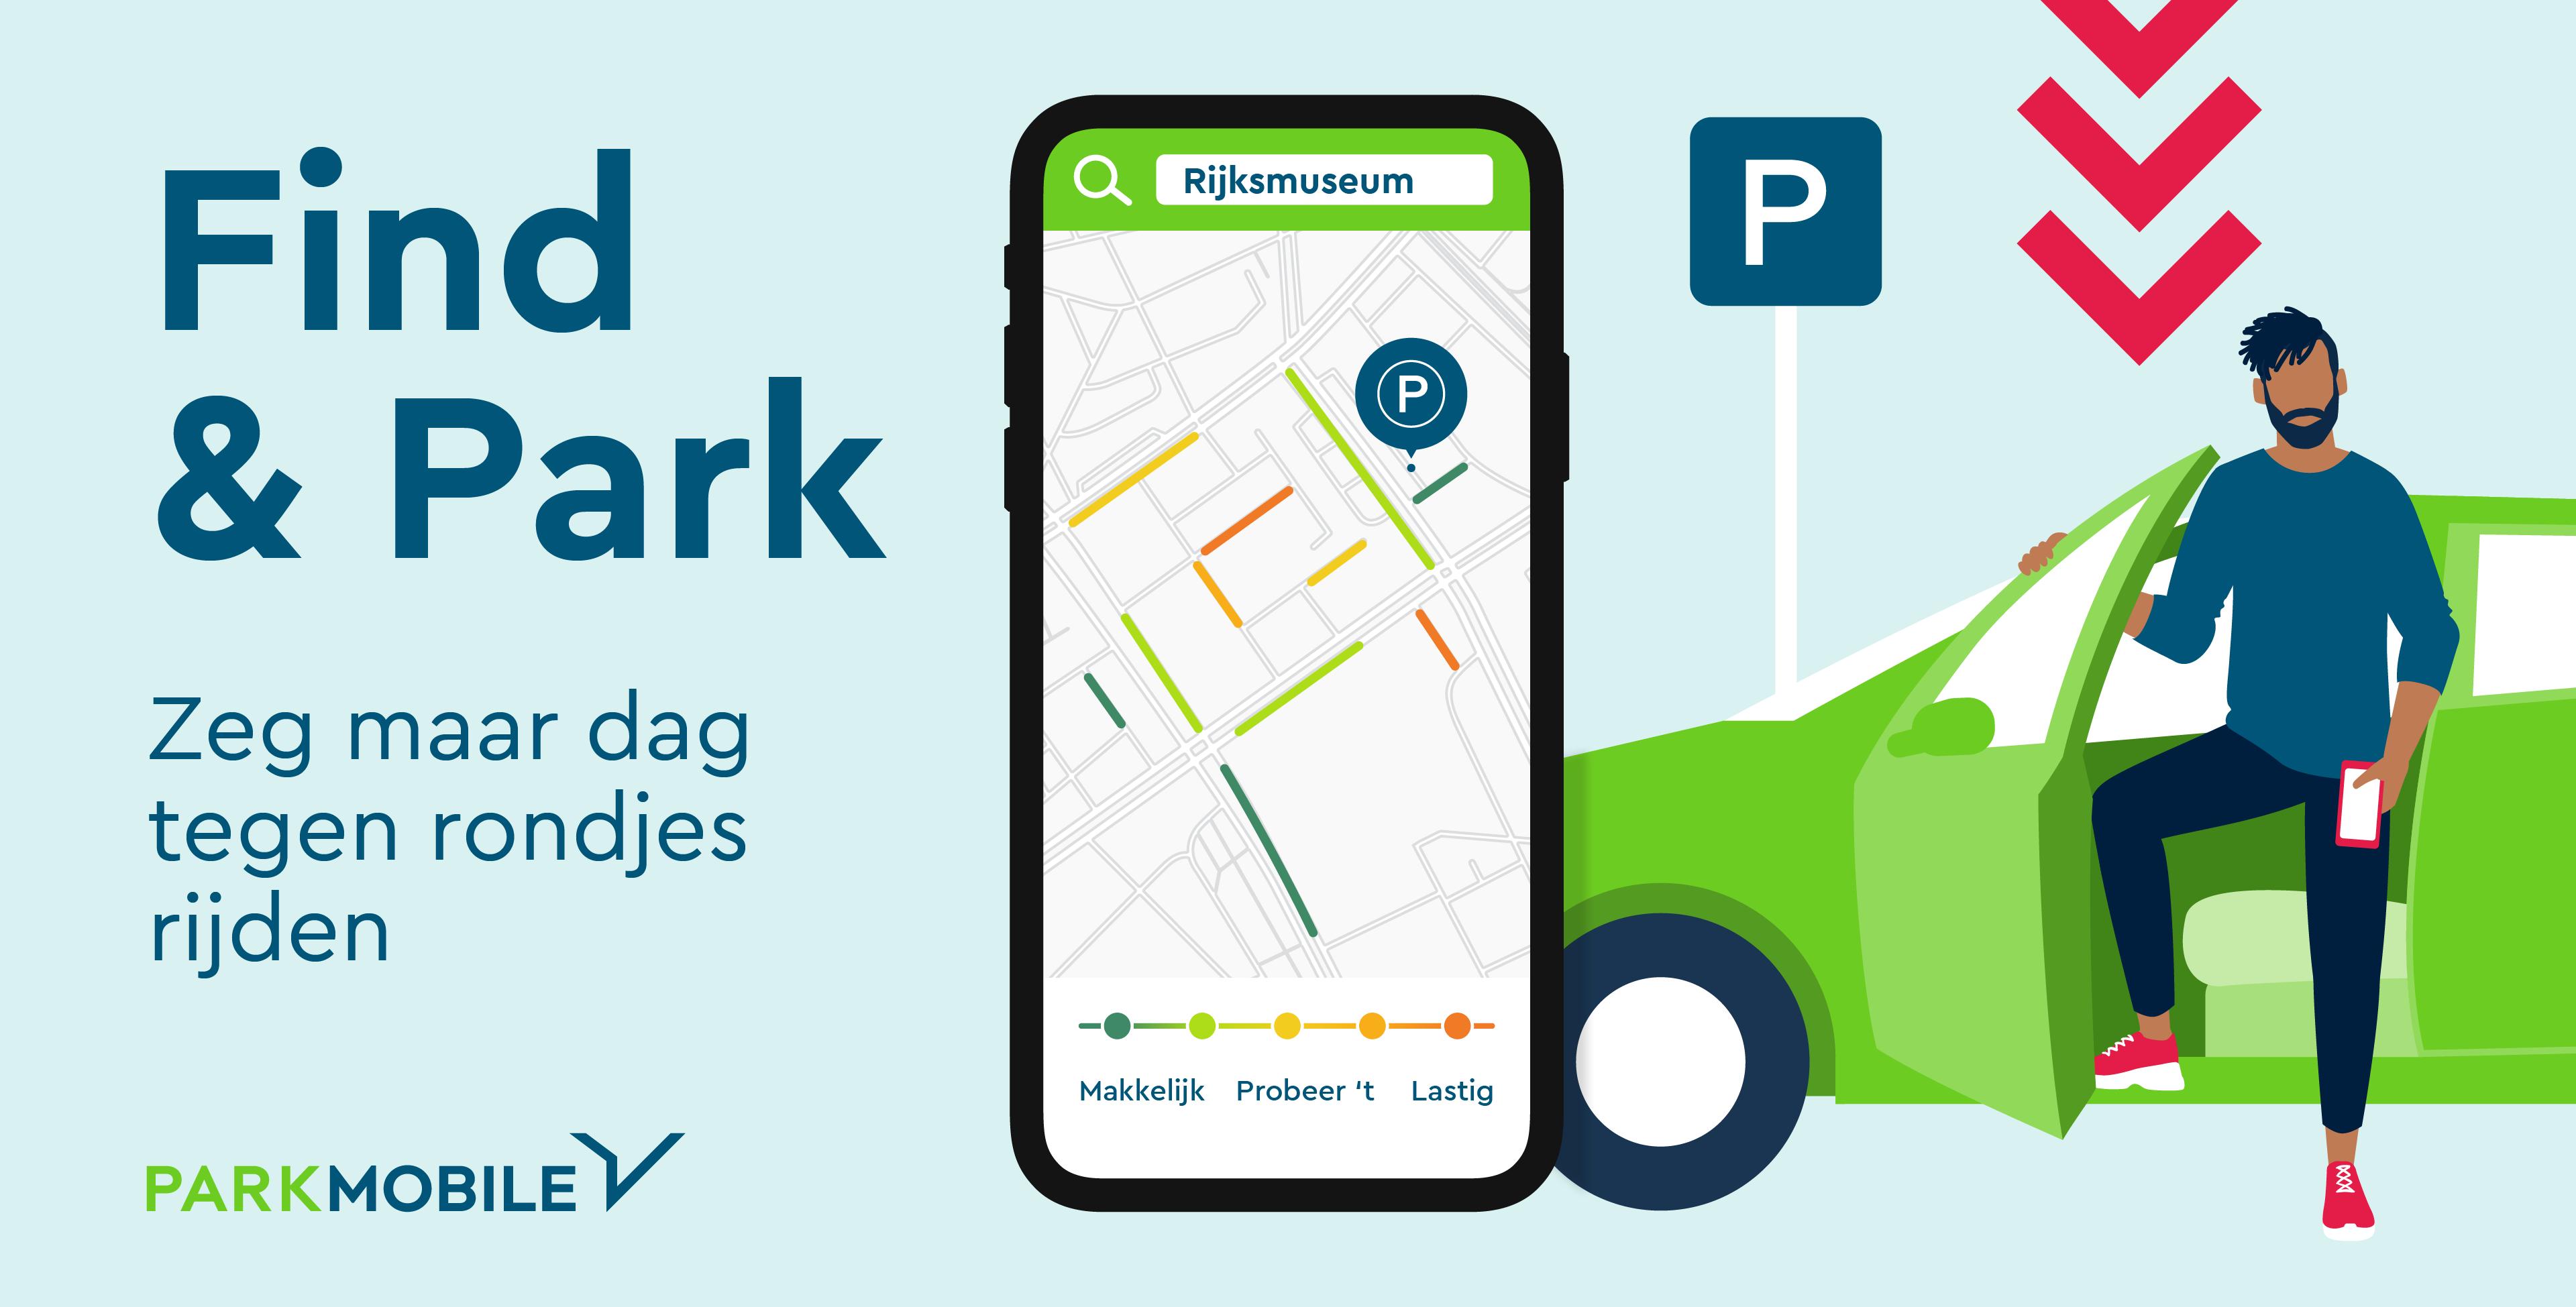 Persbericht Parkmobile Find & park